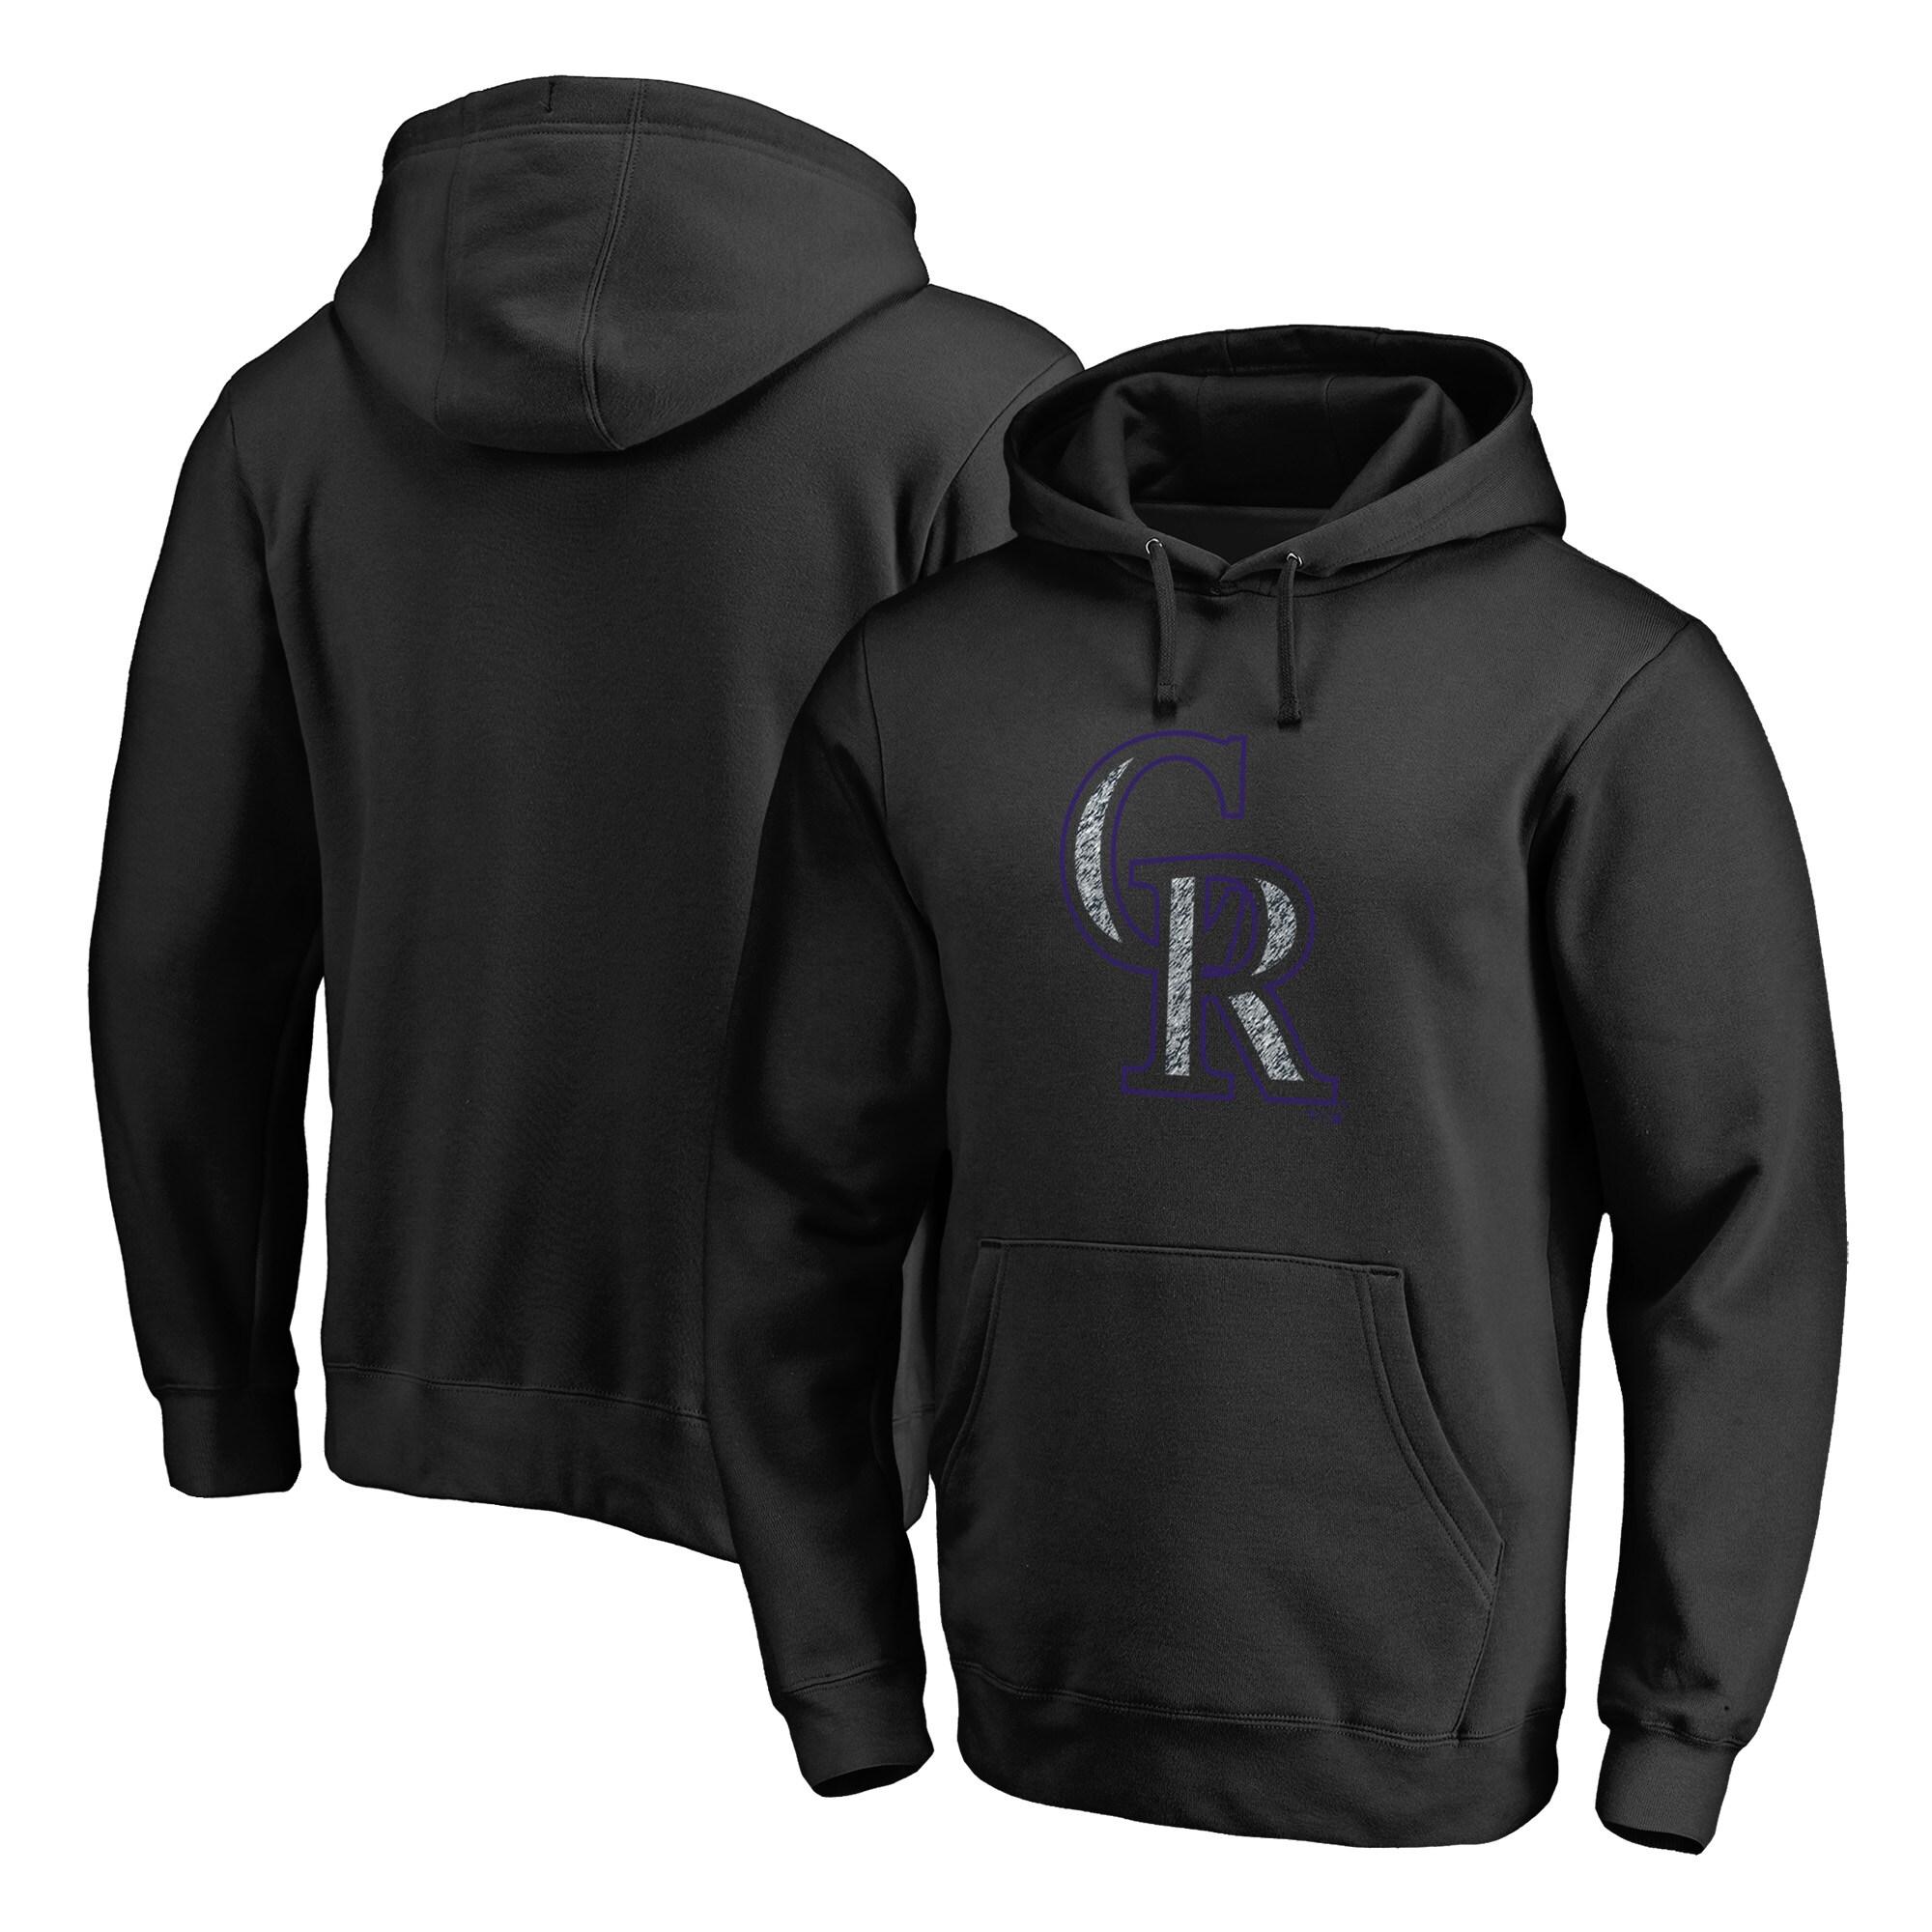 Colorado Rockies Fanatics Branded Static Logo Pullover Hoodie - Black